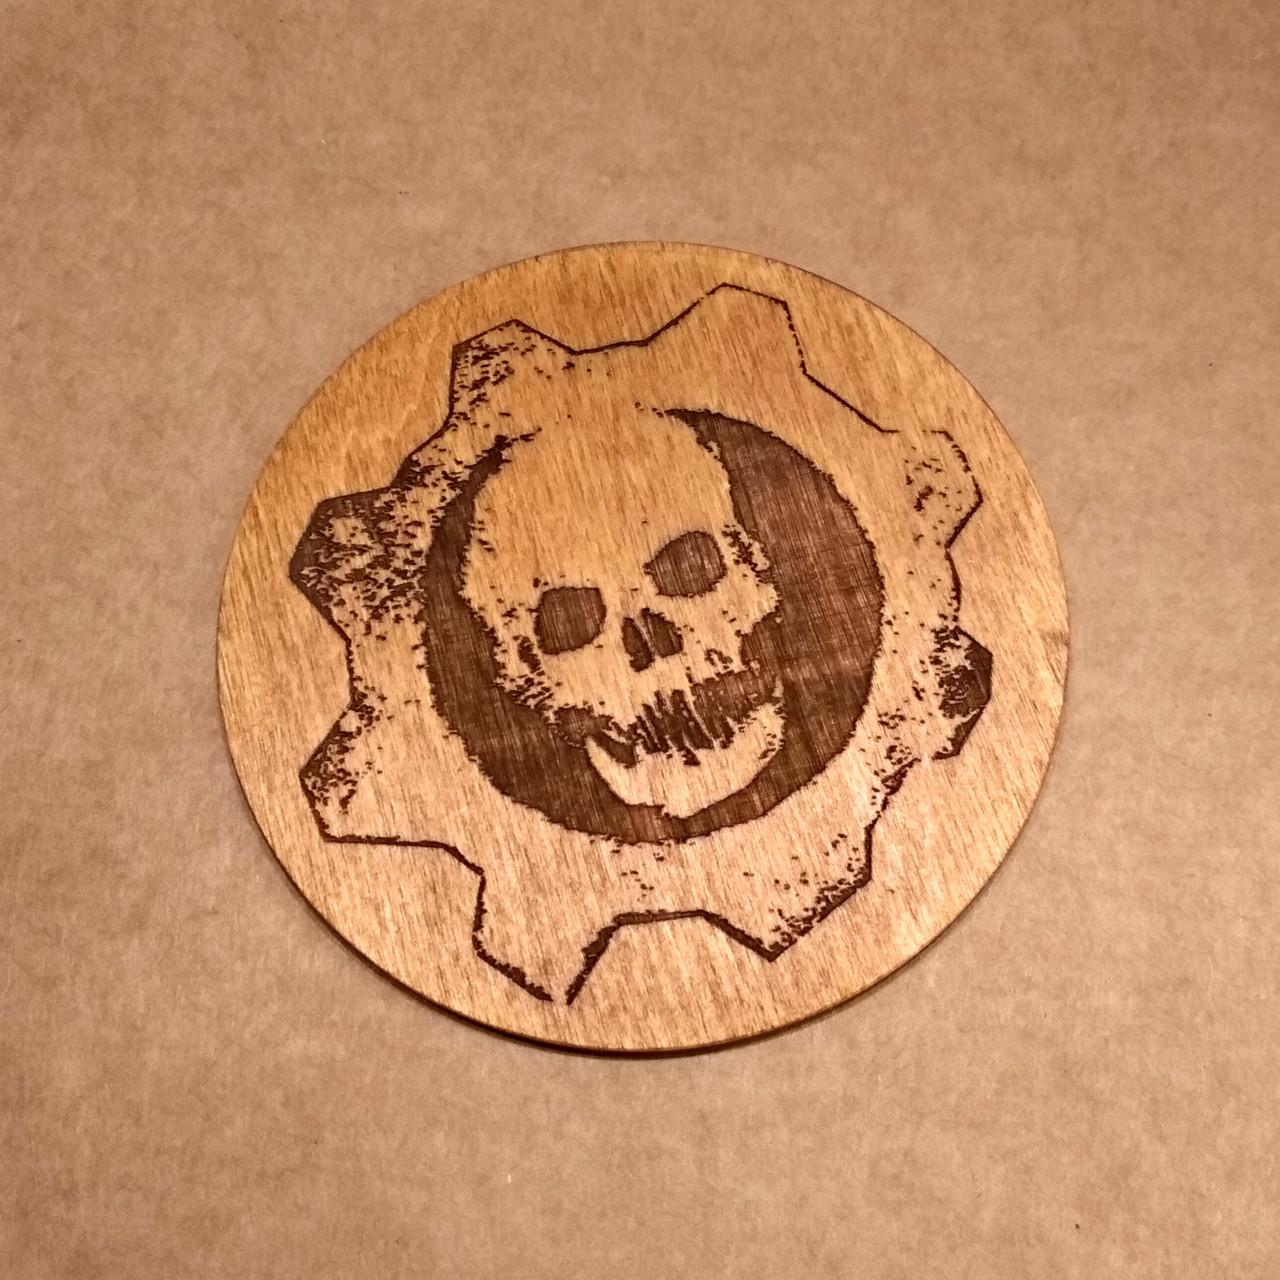 Костер деревянный. Подставка под кружку череп.  Деревянная подставка под чашку